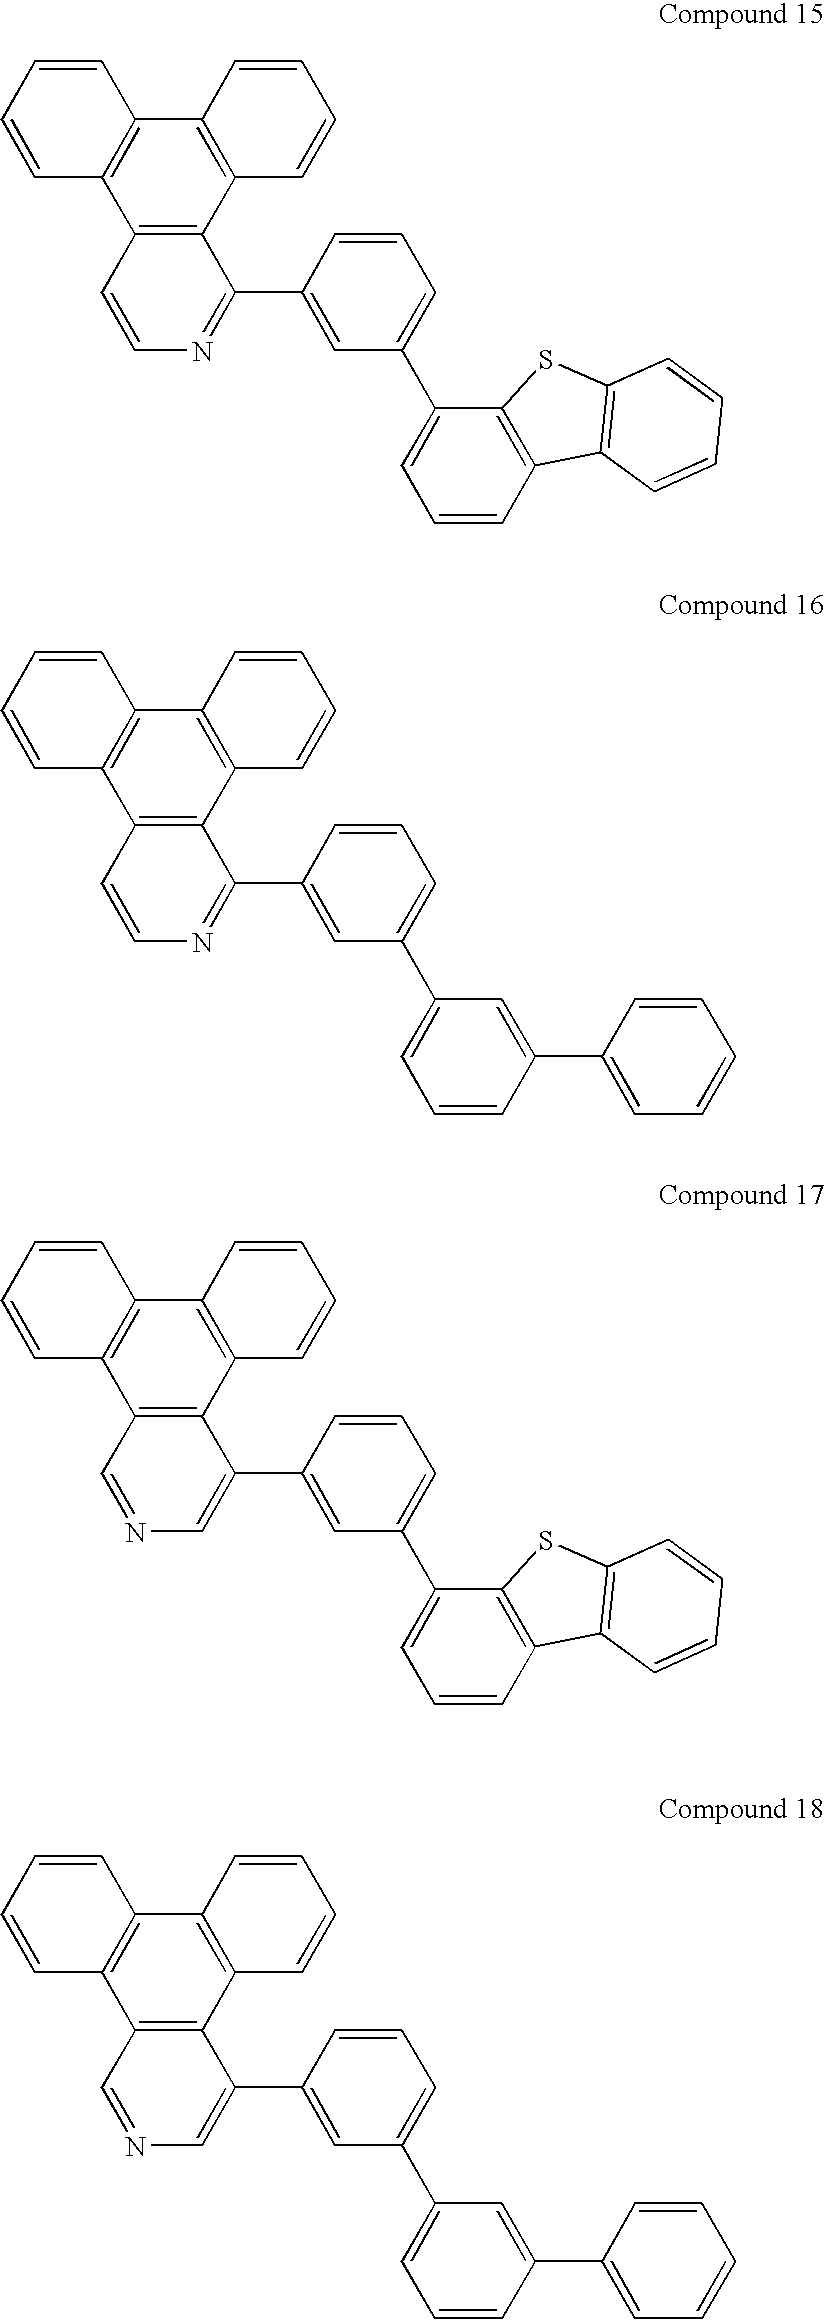 Figure US20100289406A1-20101118-C00034